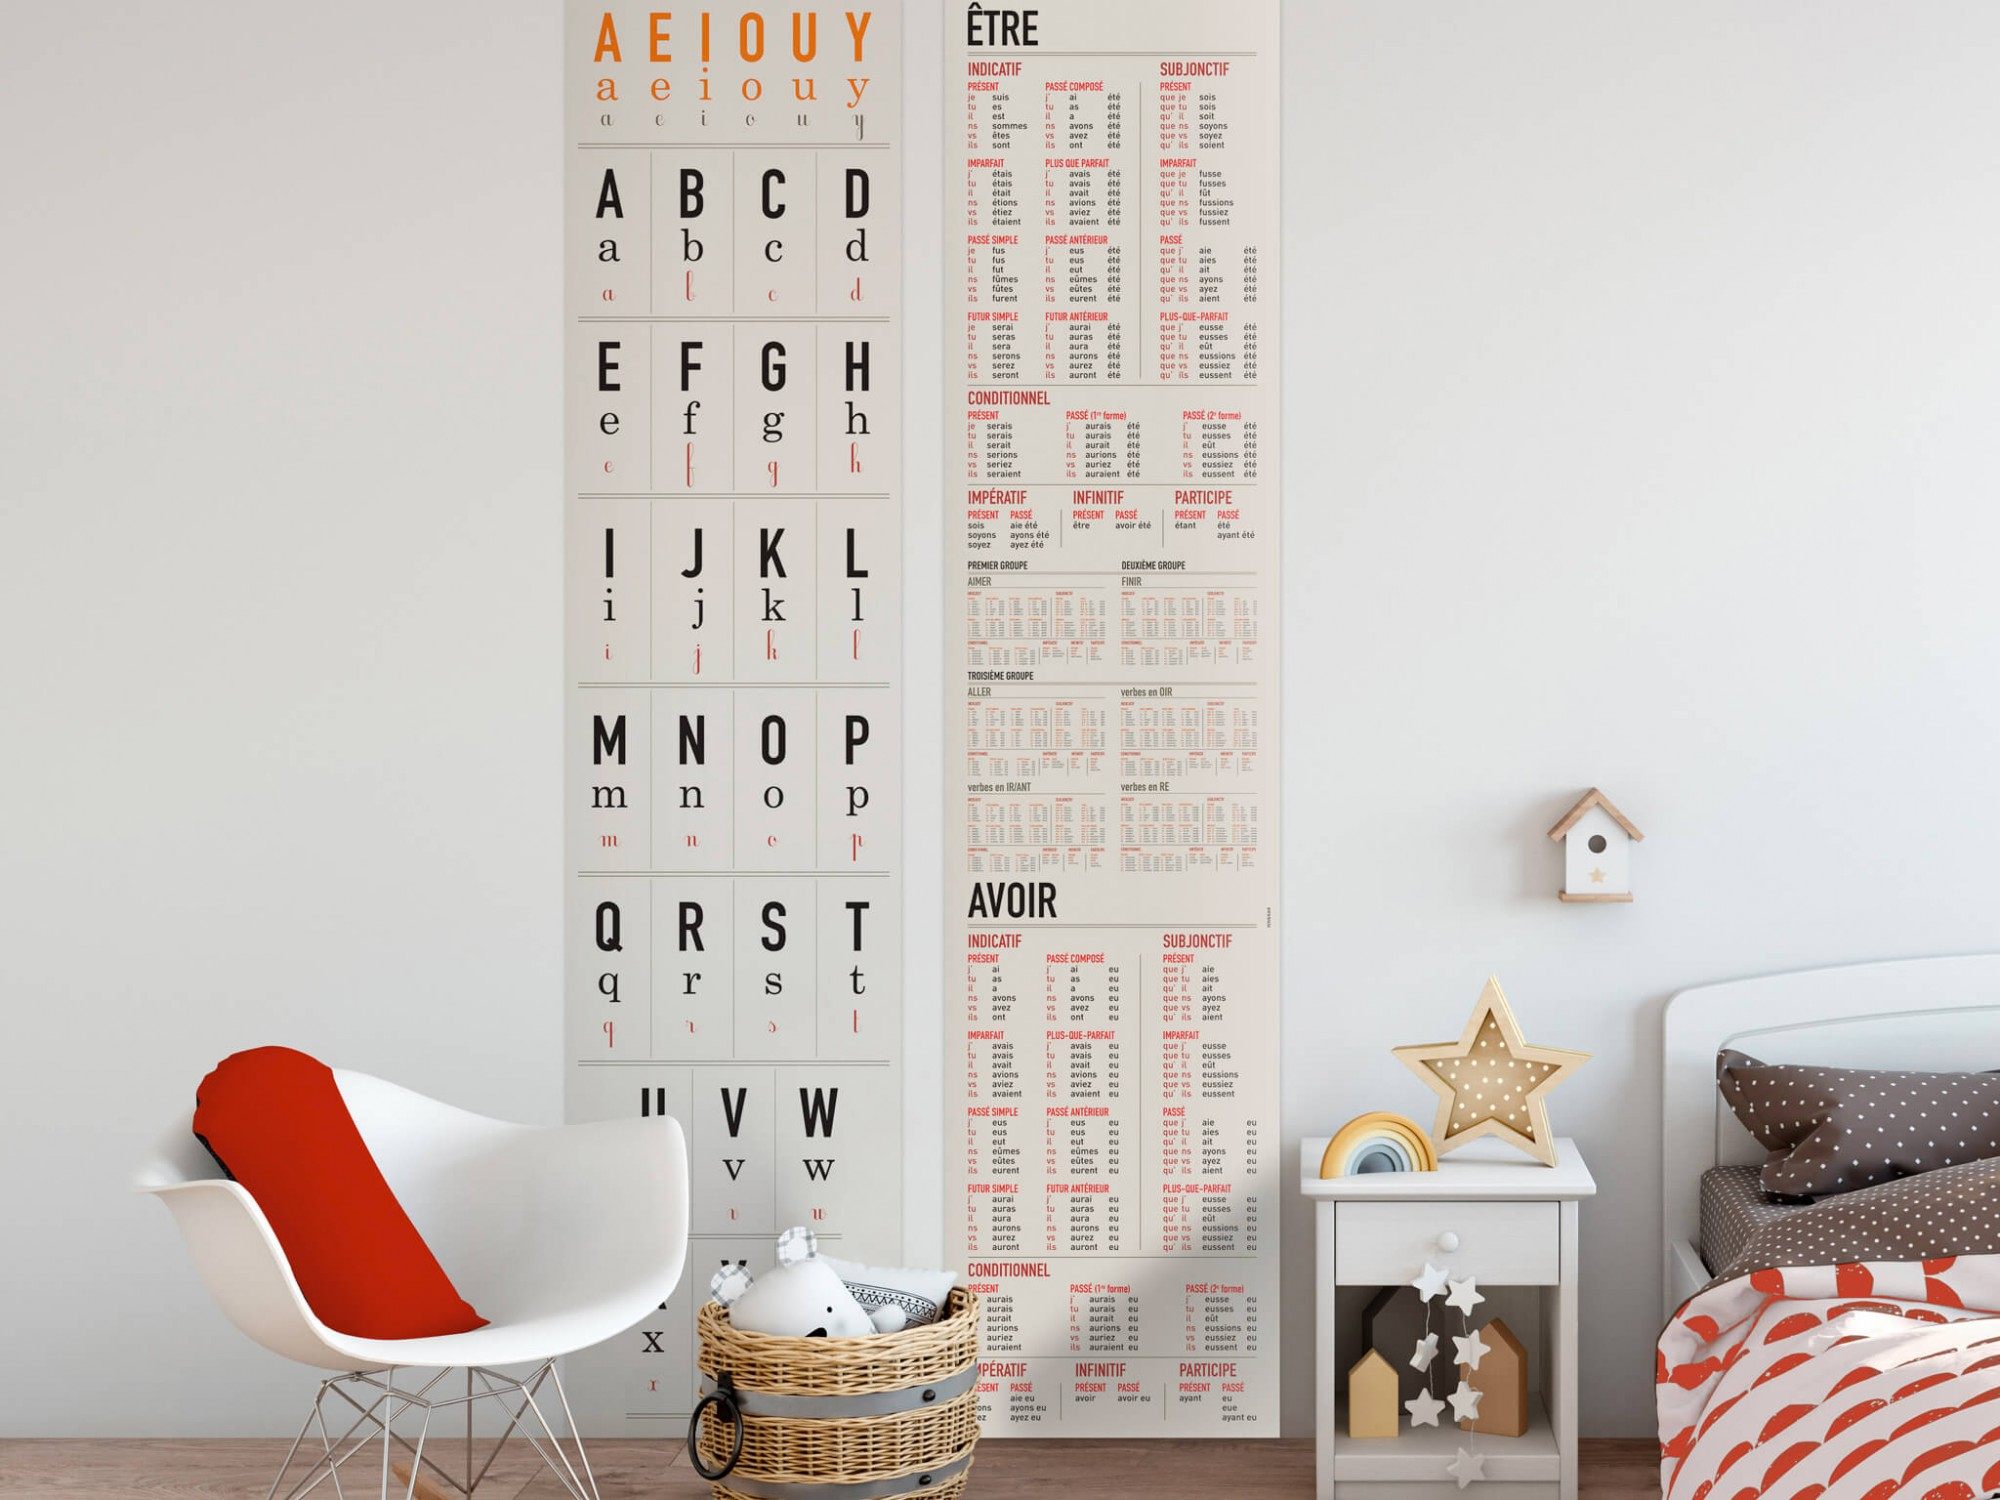 Le lé du papier peint conjugaison être et avoir avec le papier peint abécédaire dans une chambre d'enfant, design Ich&Kar